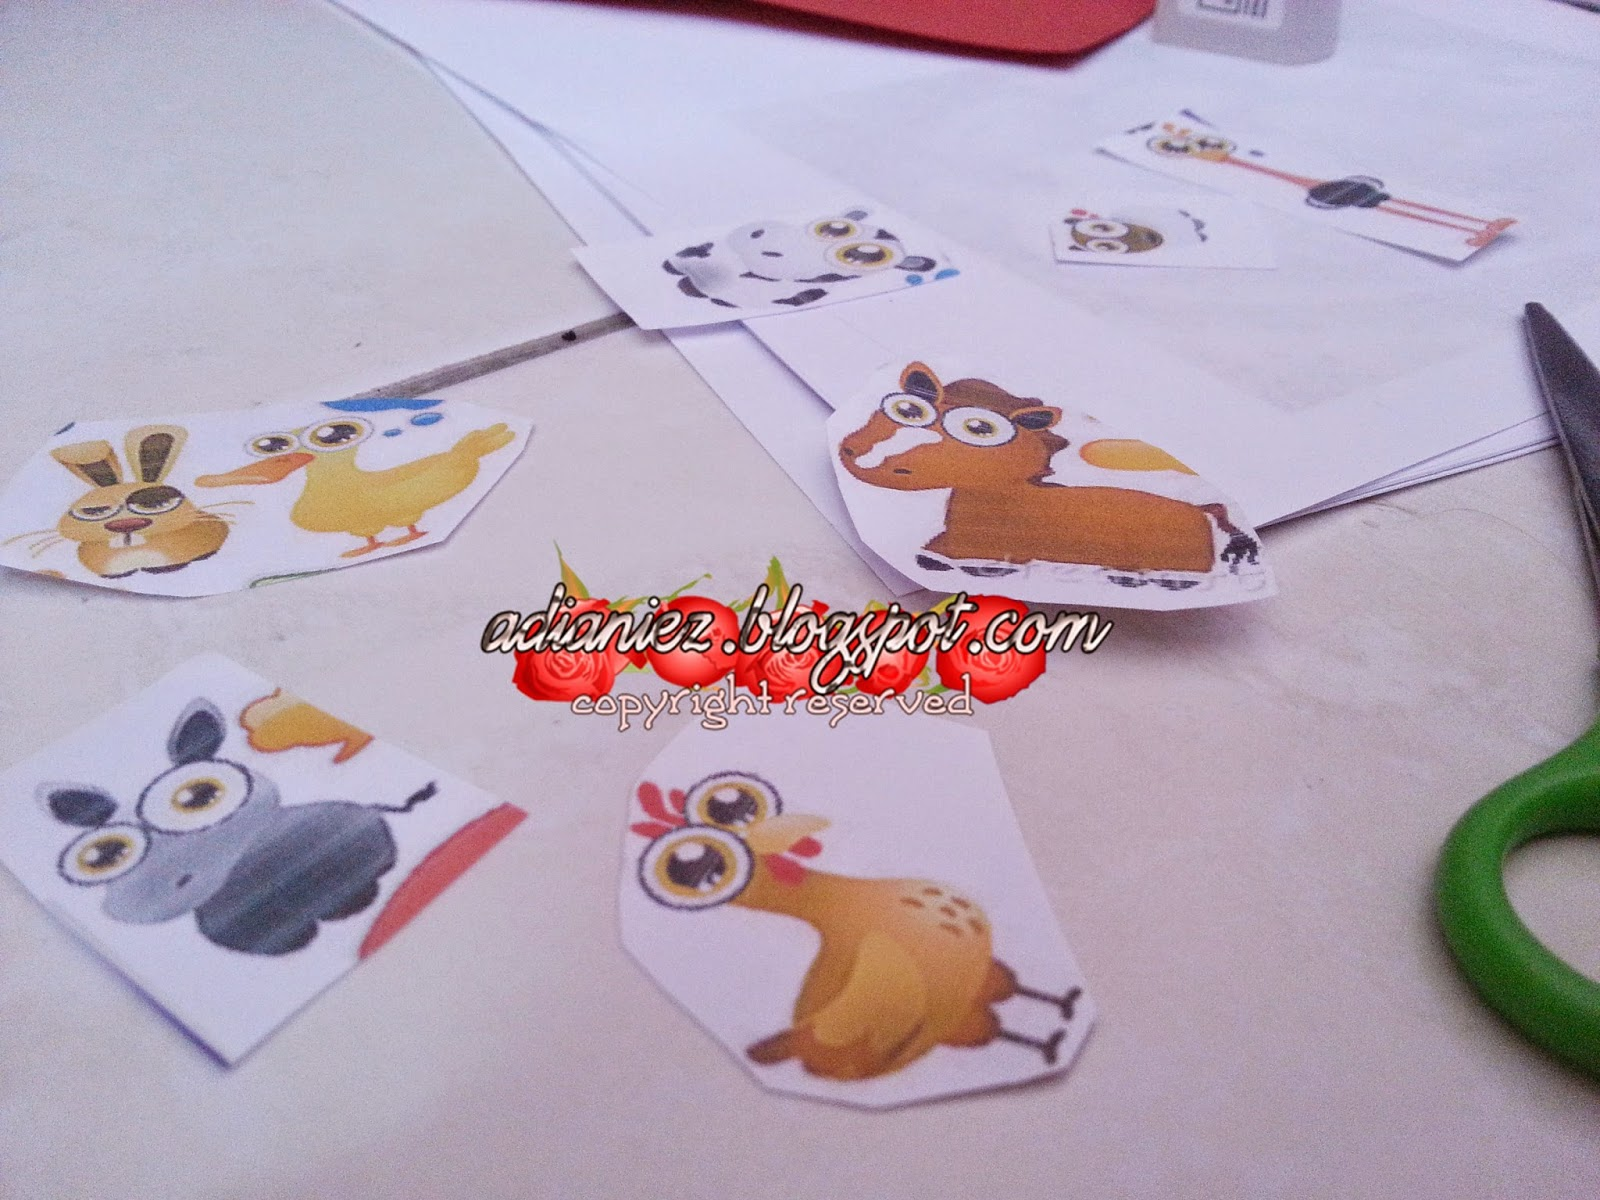 gambar kartun haiwan - gambar hewan - gambar kartun haiwan